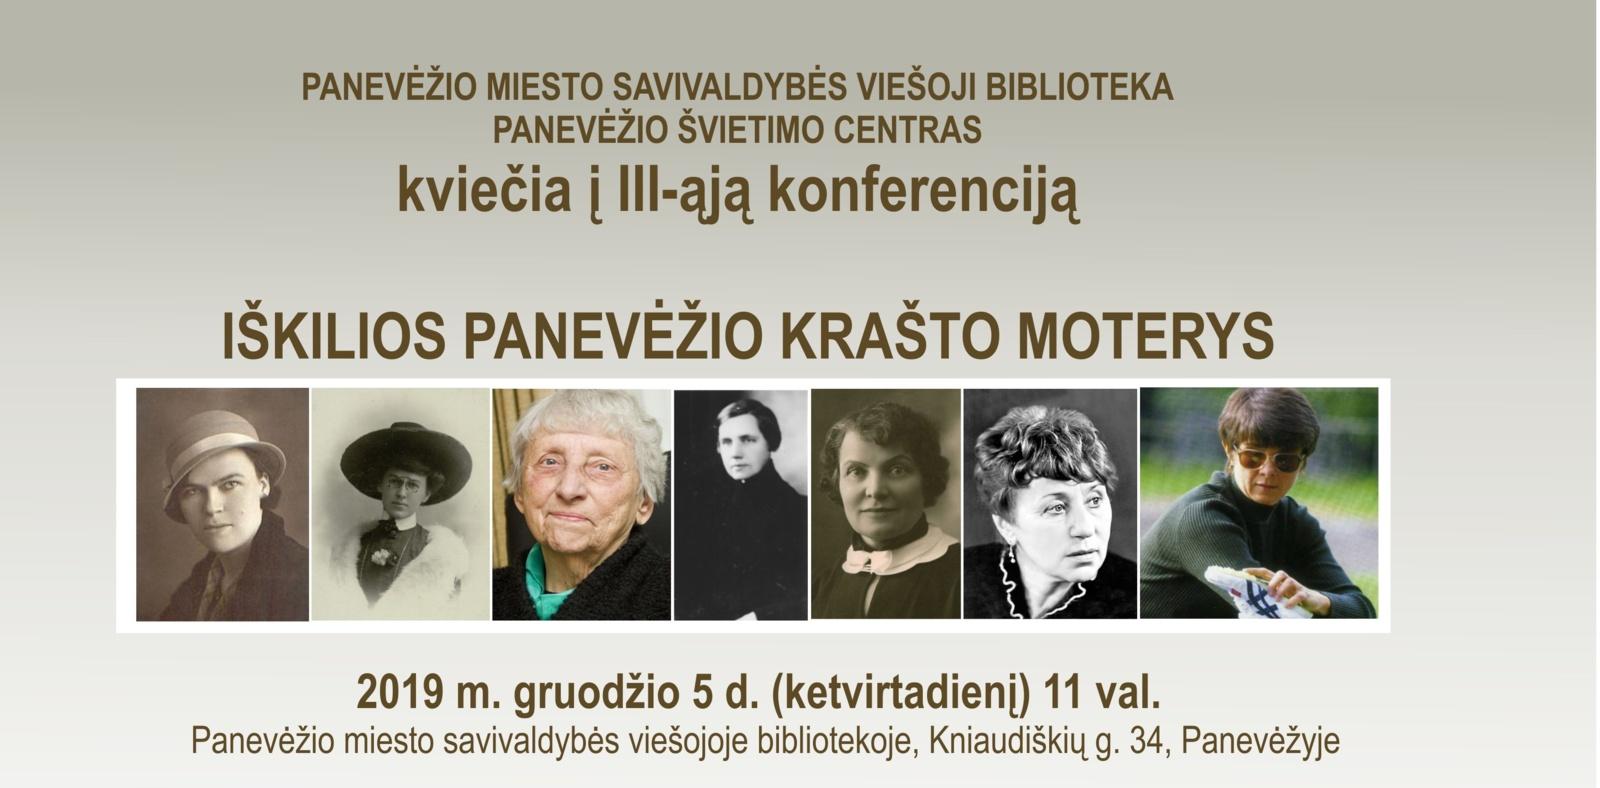 """Kviečiame į III-ąją konferenciją """"Iškilios Panevėžio krašto moterys"""""""